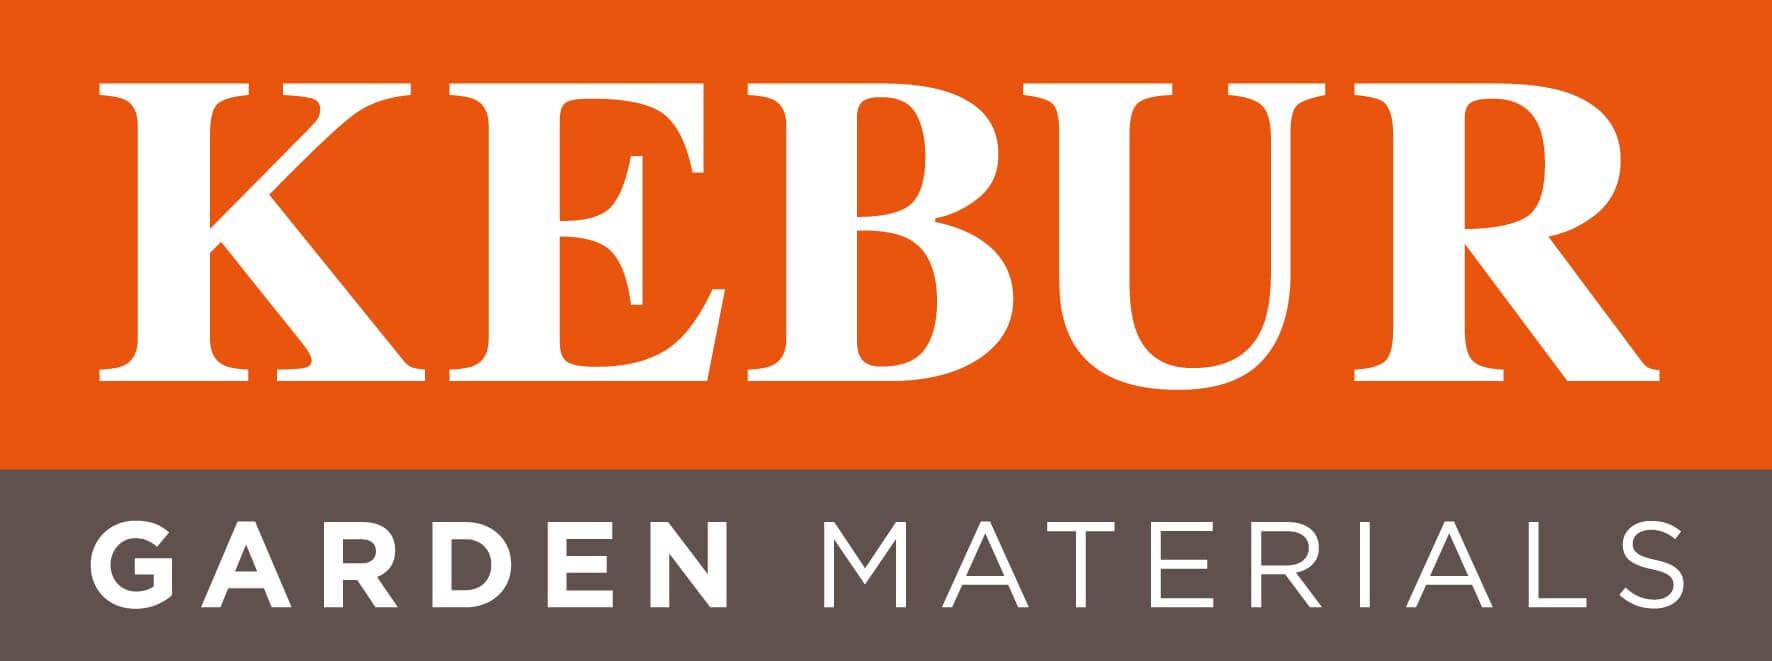 Kebur Garden Materials Logo